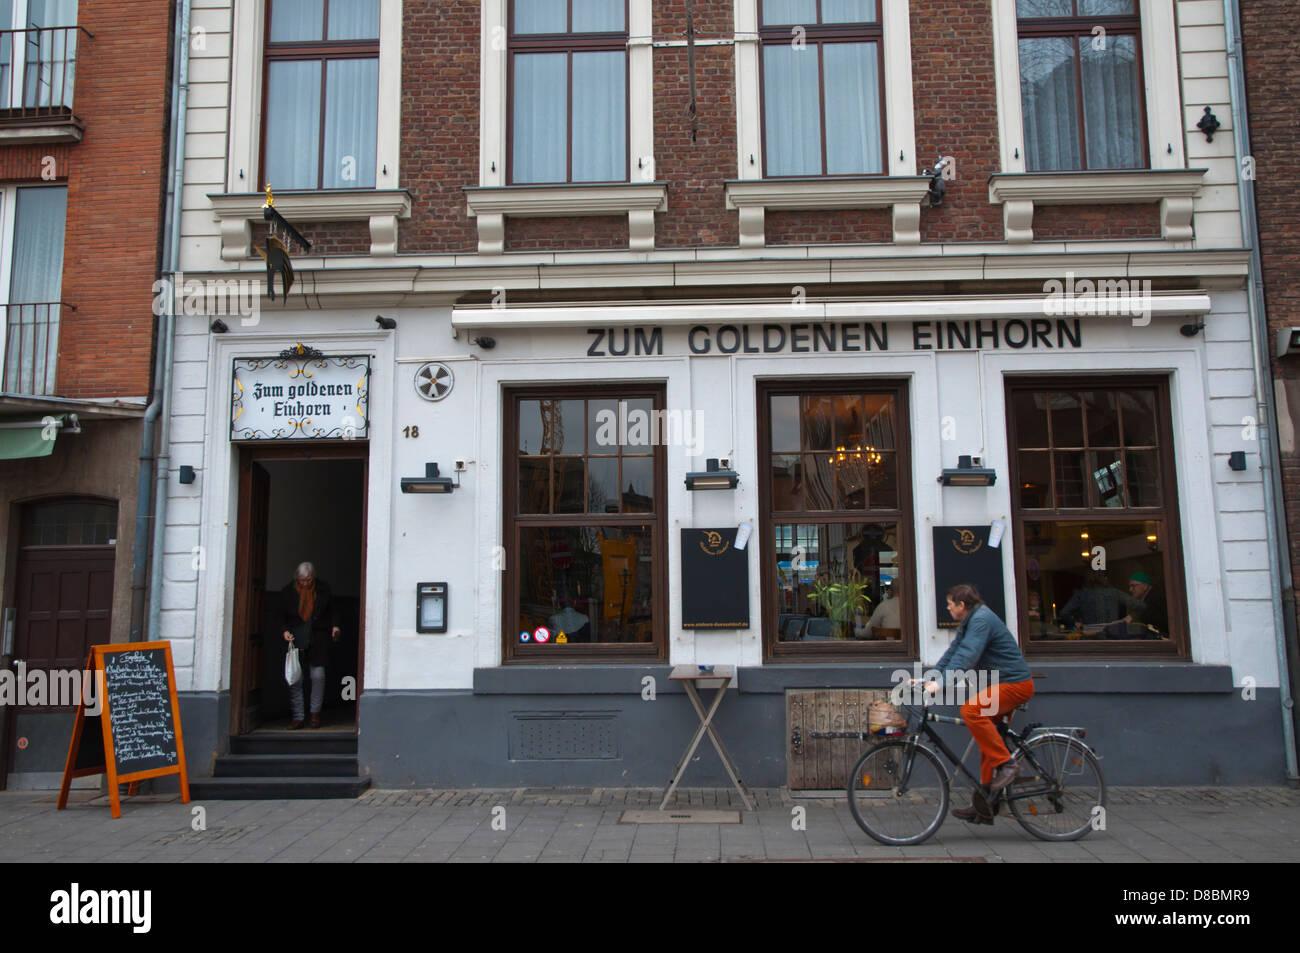 Einhorn Düsseldorf zum goldenen einhorn restaurant exterior altstadt the town stock